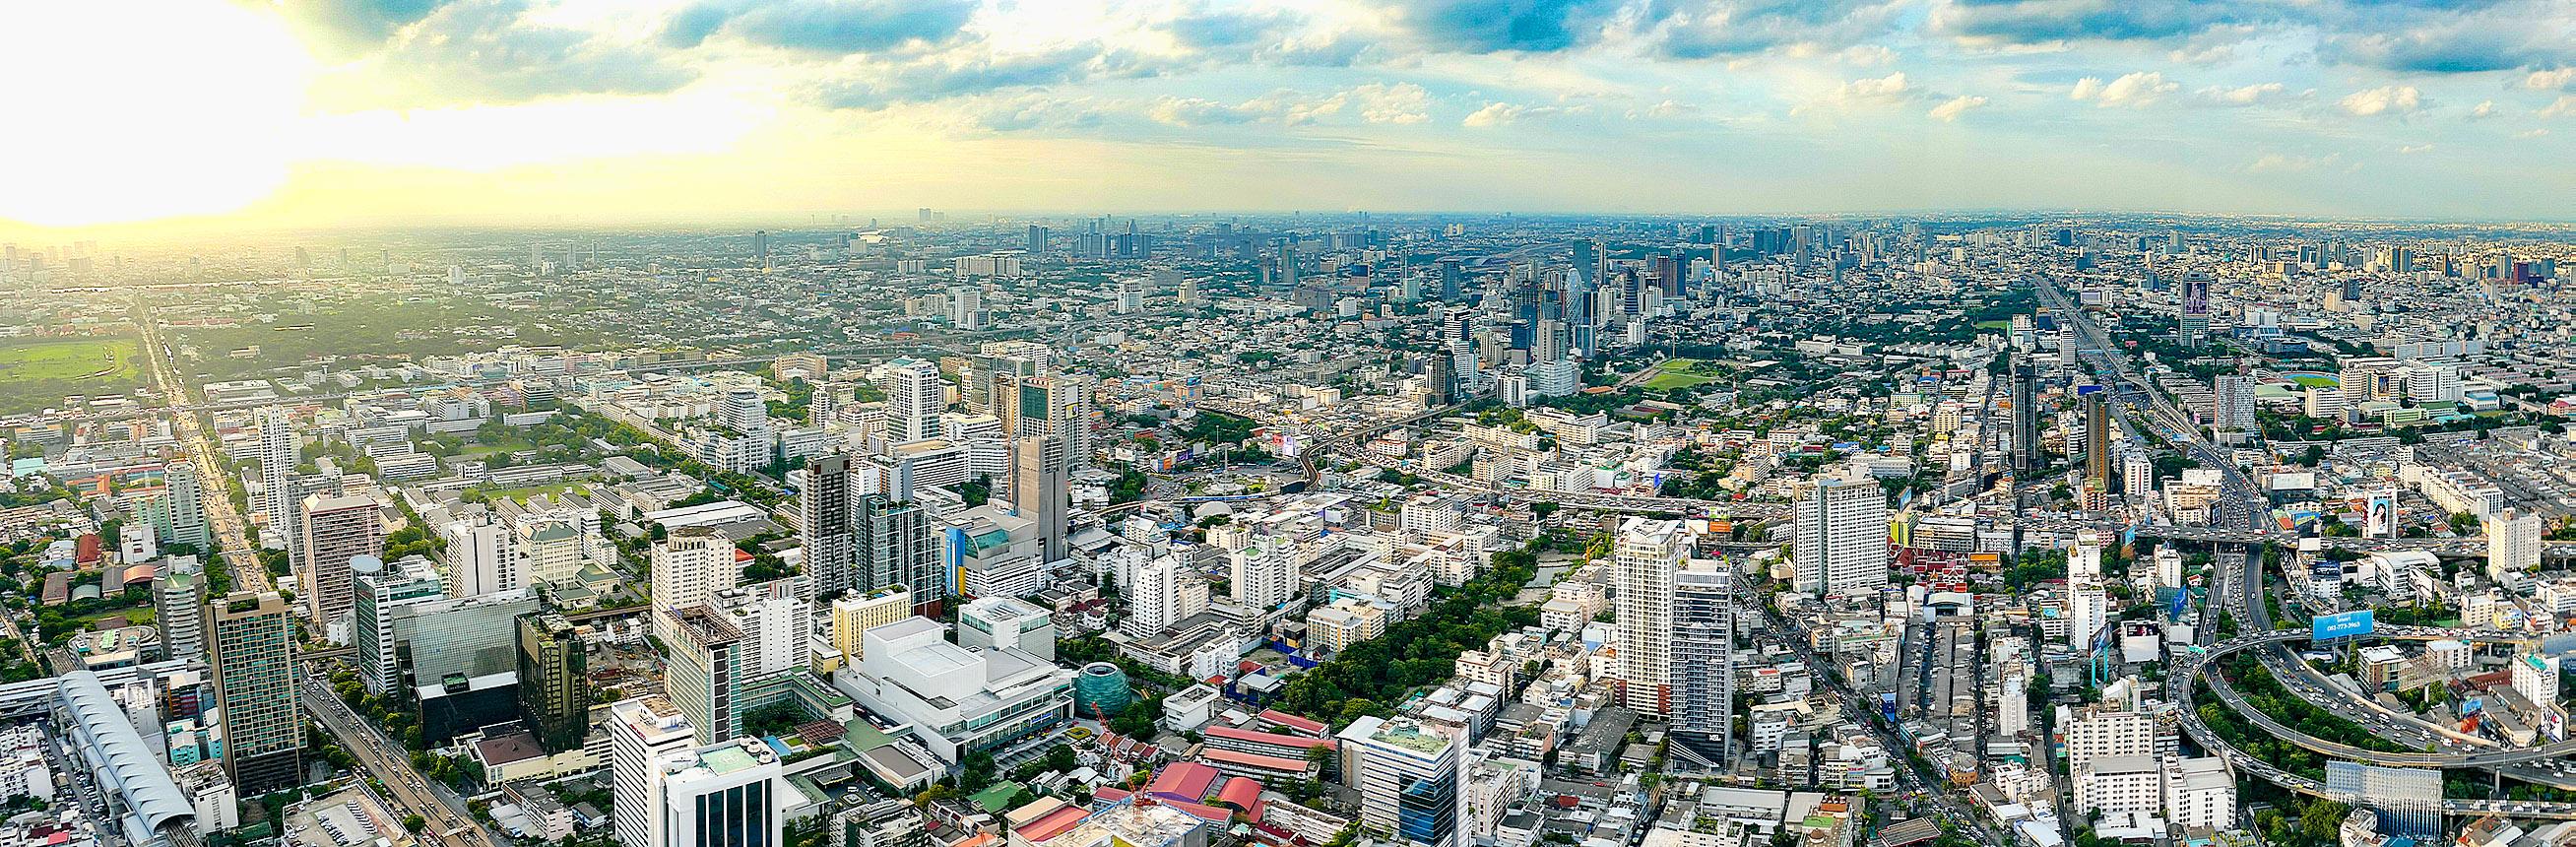 Bangkok Panorama 04 sm by Old Pink.jpg